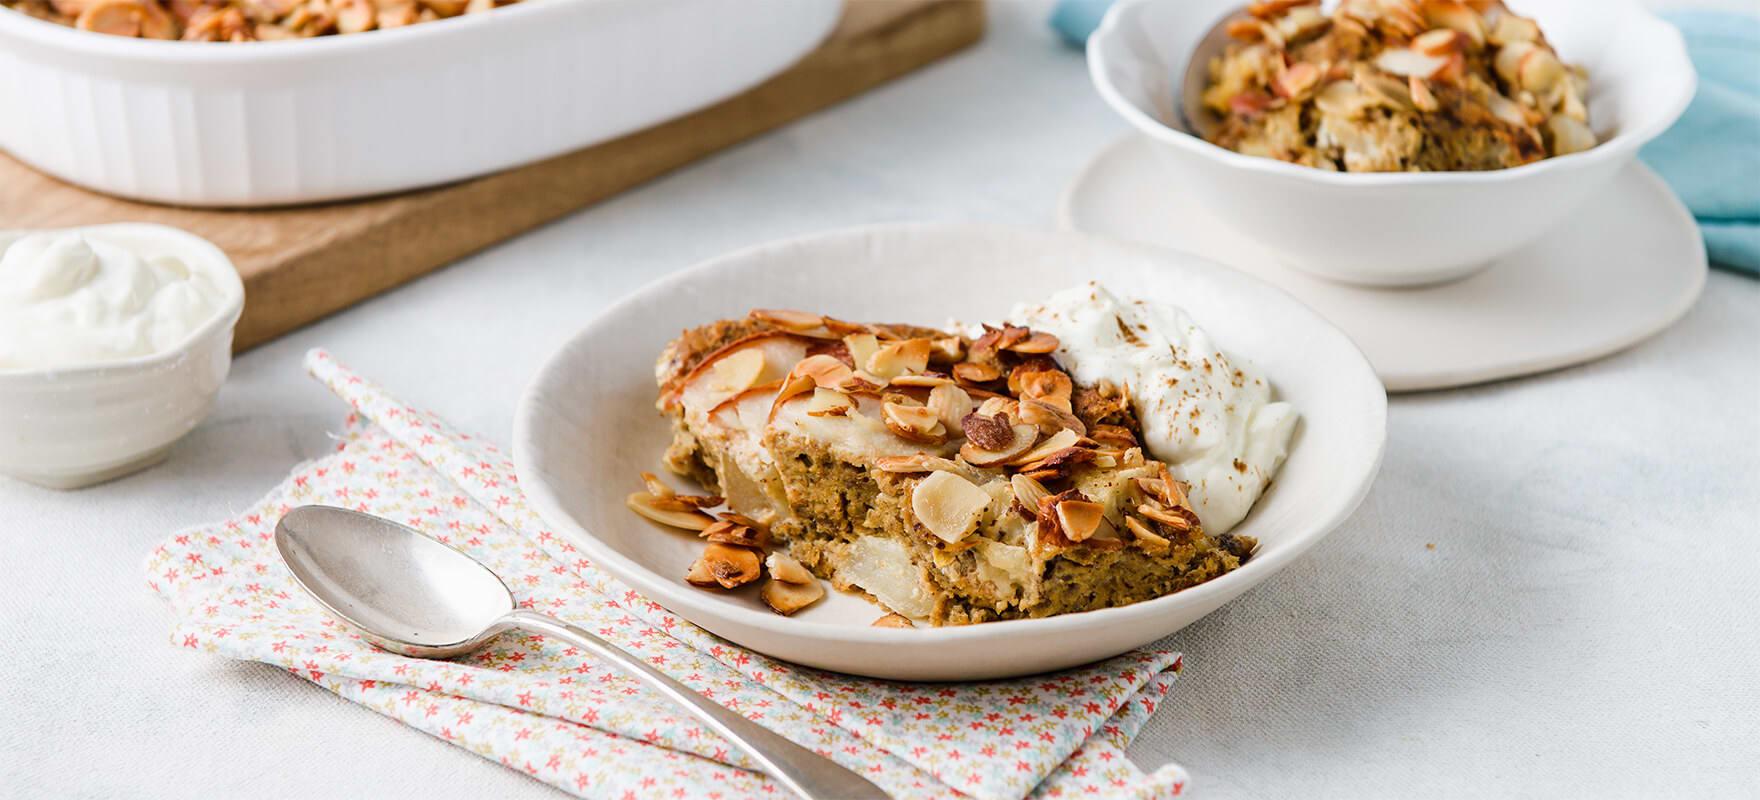 Pear & almond breakfast bake image 1